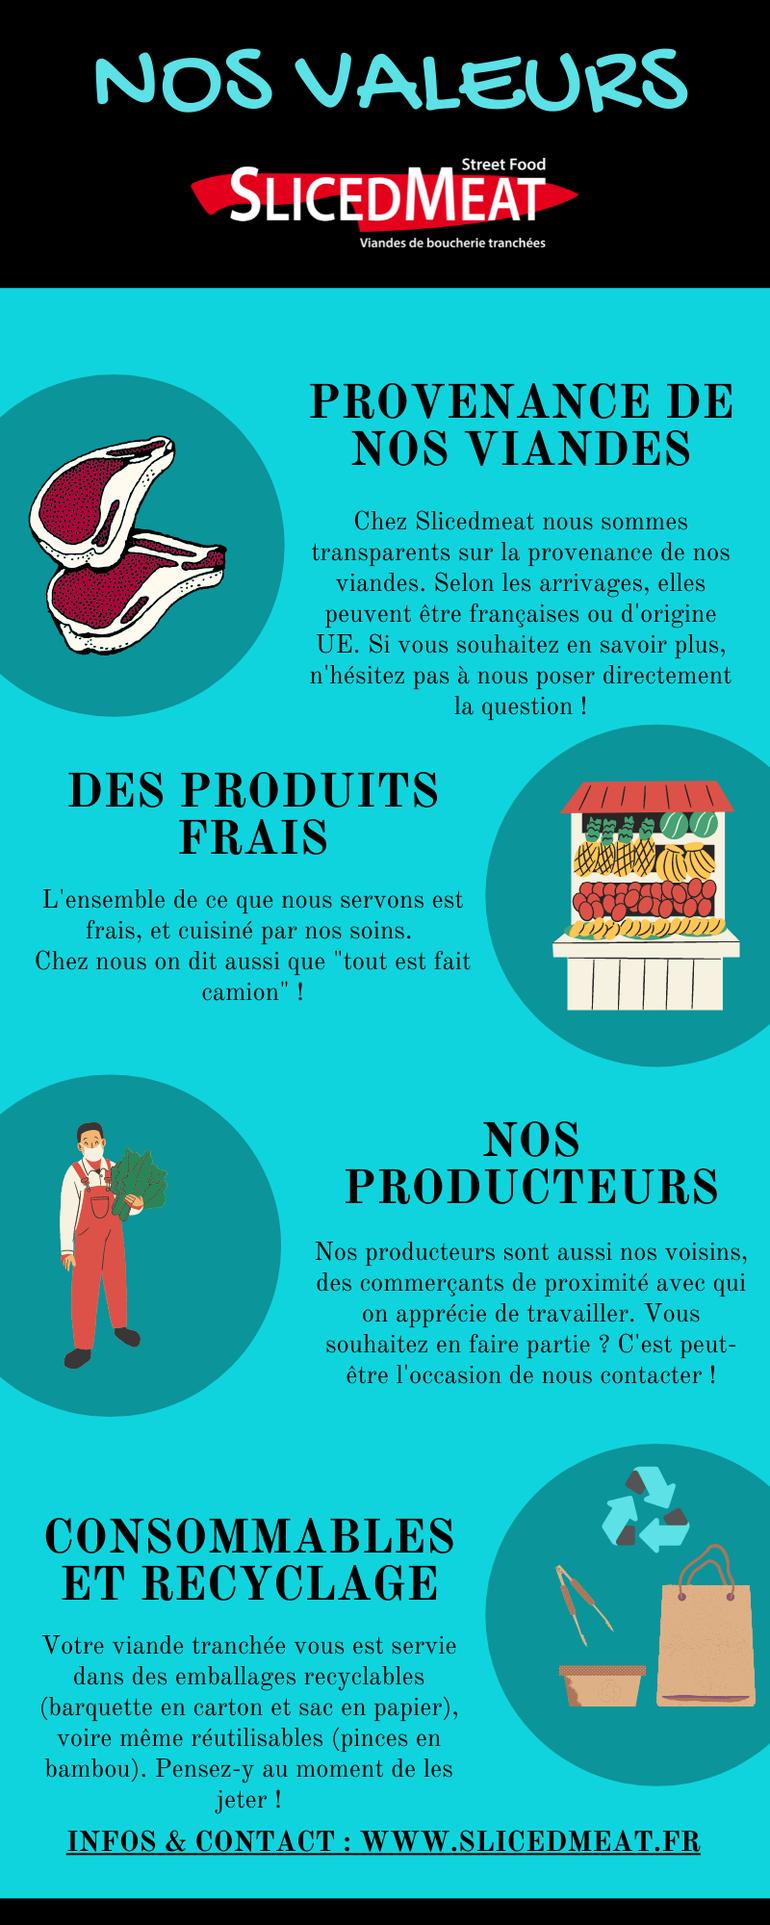 Les valeurs du foodtruck Slicedmeat : provenance des viandes, produits frais et locaux, cuisine maison, emballages recyclables pour respecter l'environnement